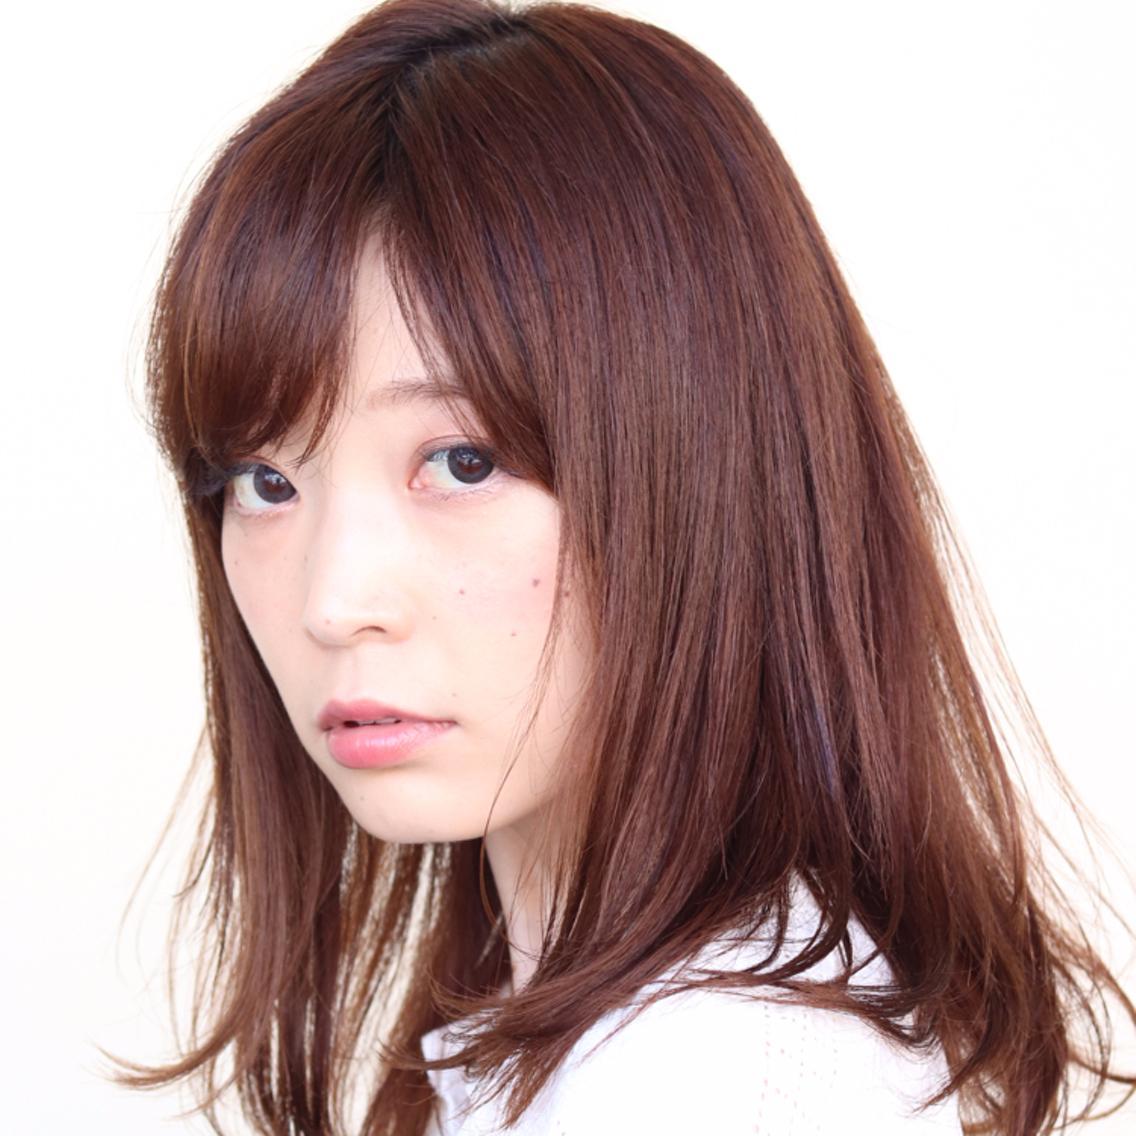 日にち限定メニュー有り!〜1流ラグジュアリーサロスタイリストが担当!〜